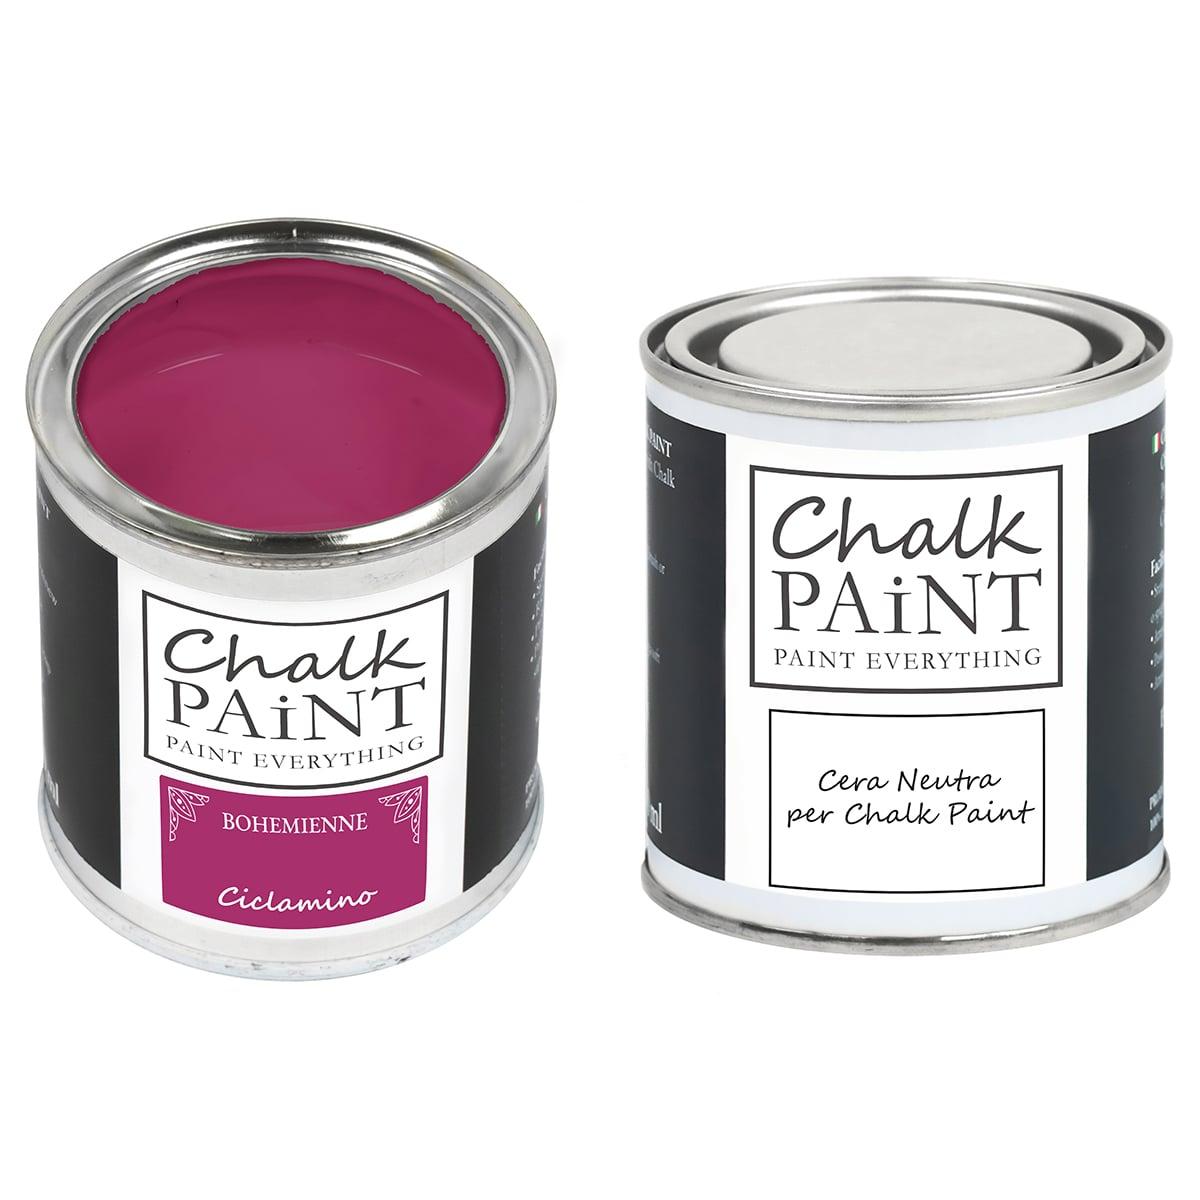 Ciclamino Chalk paint e cera in offerta decora facile con paint magic